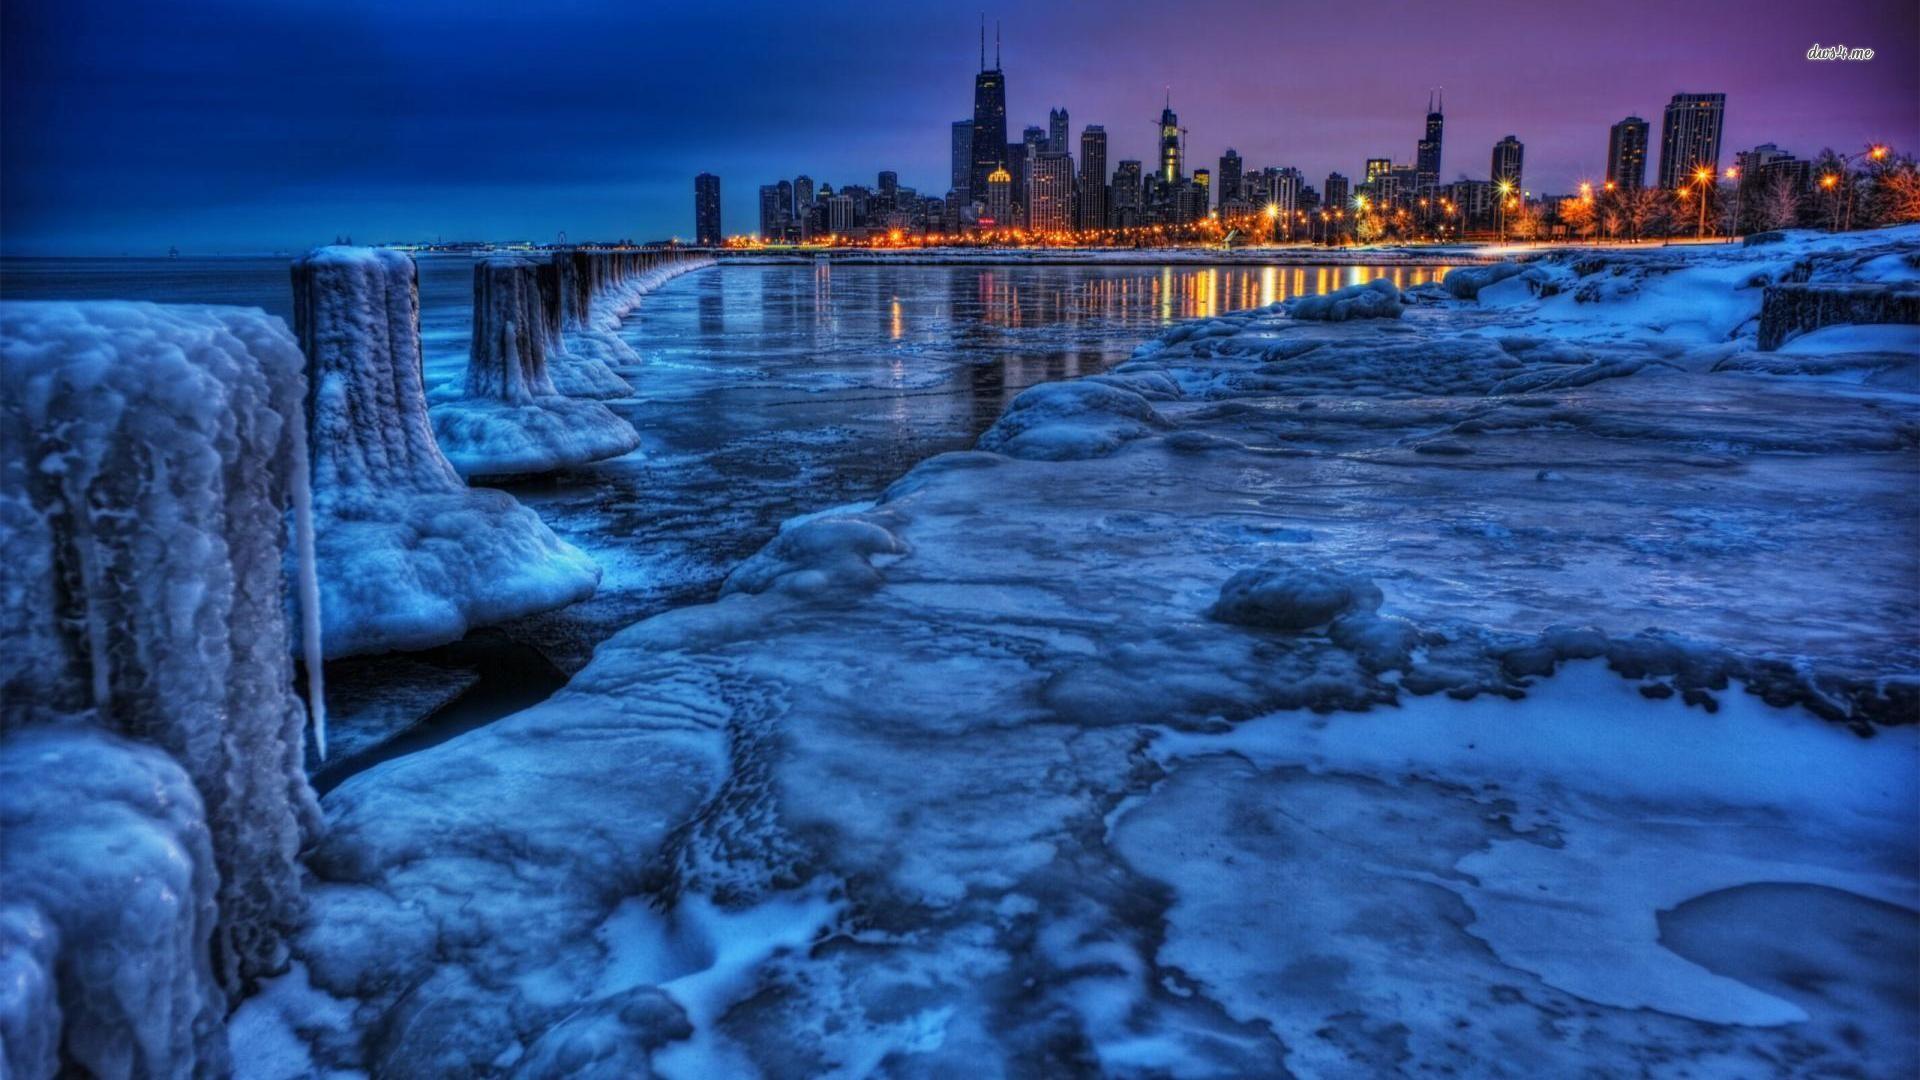 Chicago Skyline HD desktop wallpaper Fullscreen Mobile